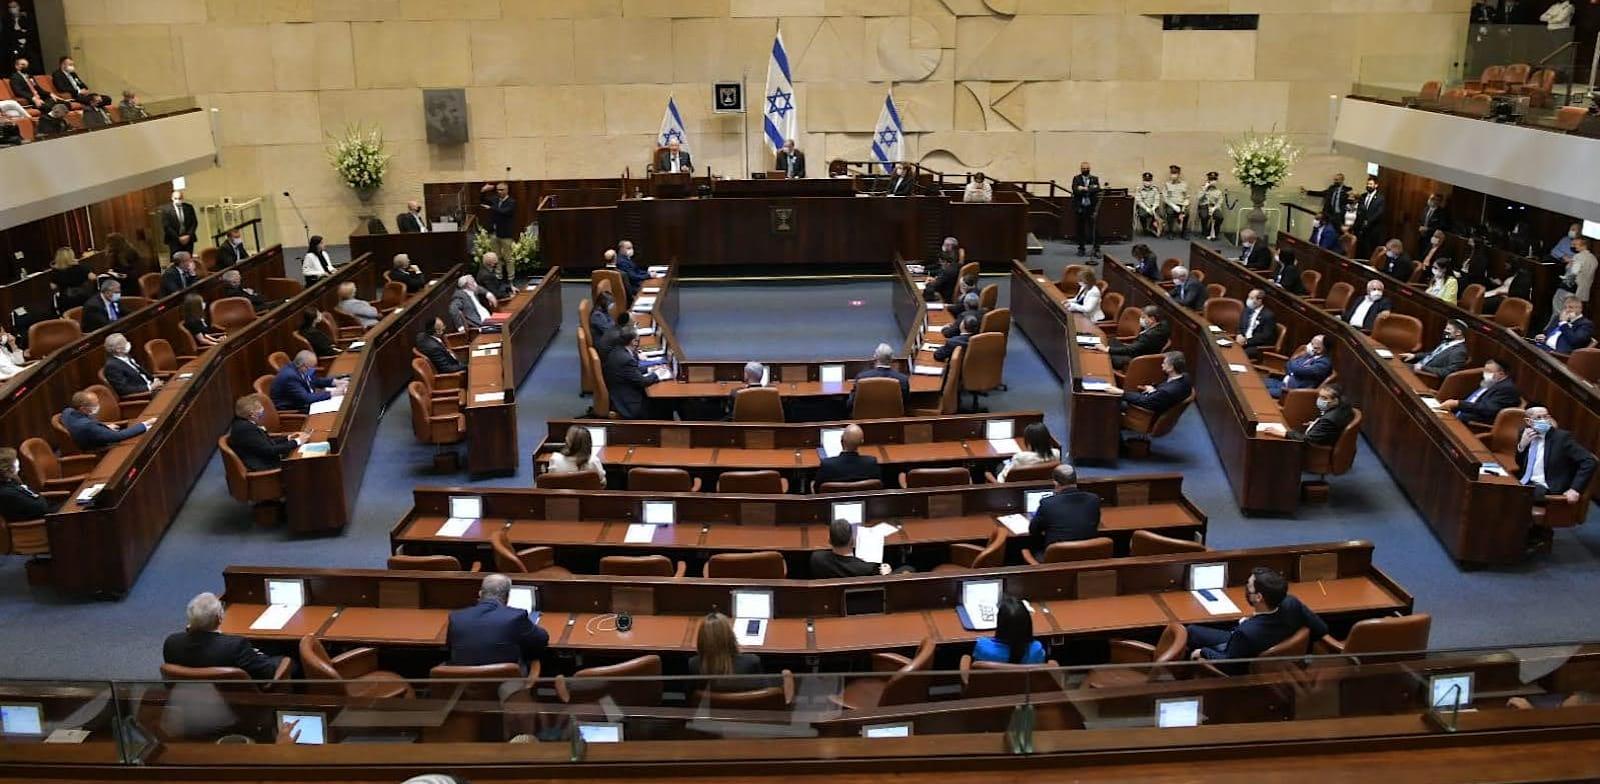 השבעת הכנסת ה-24 / צילום: דוברות הכנסת, תדמית הפקות